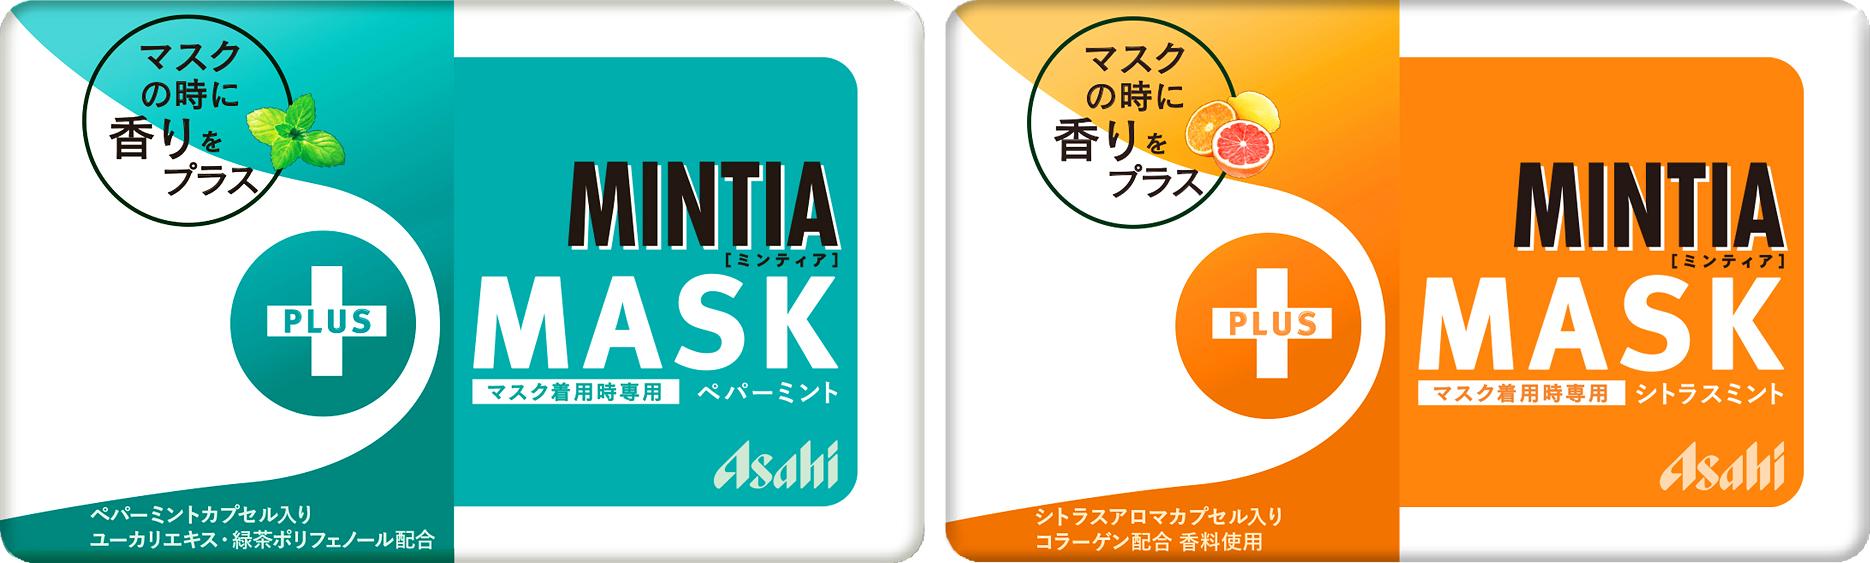 ユニクロに行くと先着で目に染みないマスク着用時専用「ミンティア+MASK」がもらえる。オンラインは抽選で。3/5~3/7。